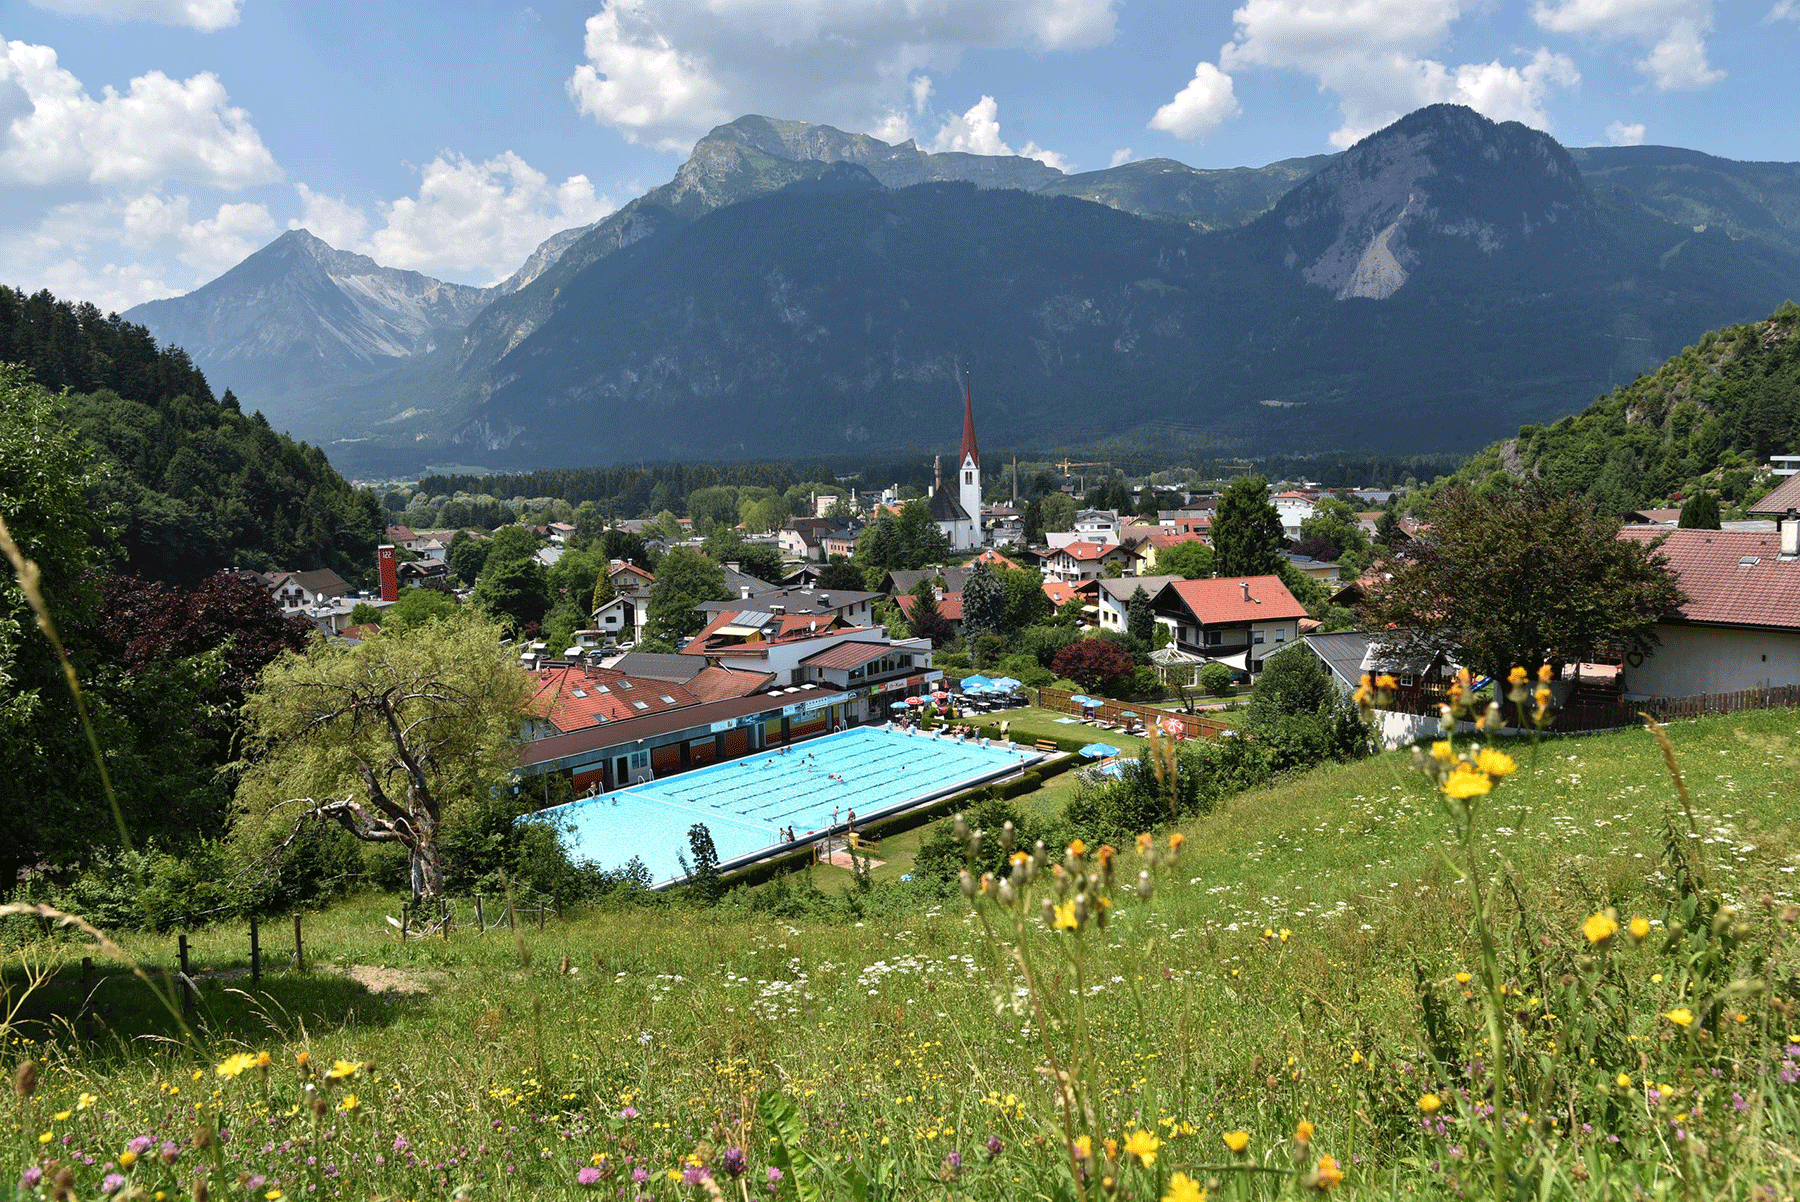 Schwimmbad Brixlegg beim Sommerurlaub Alpbach